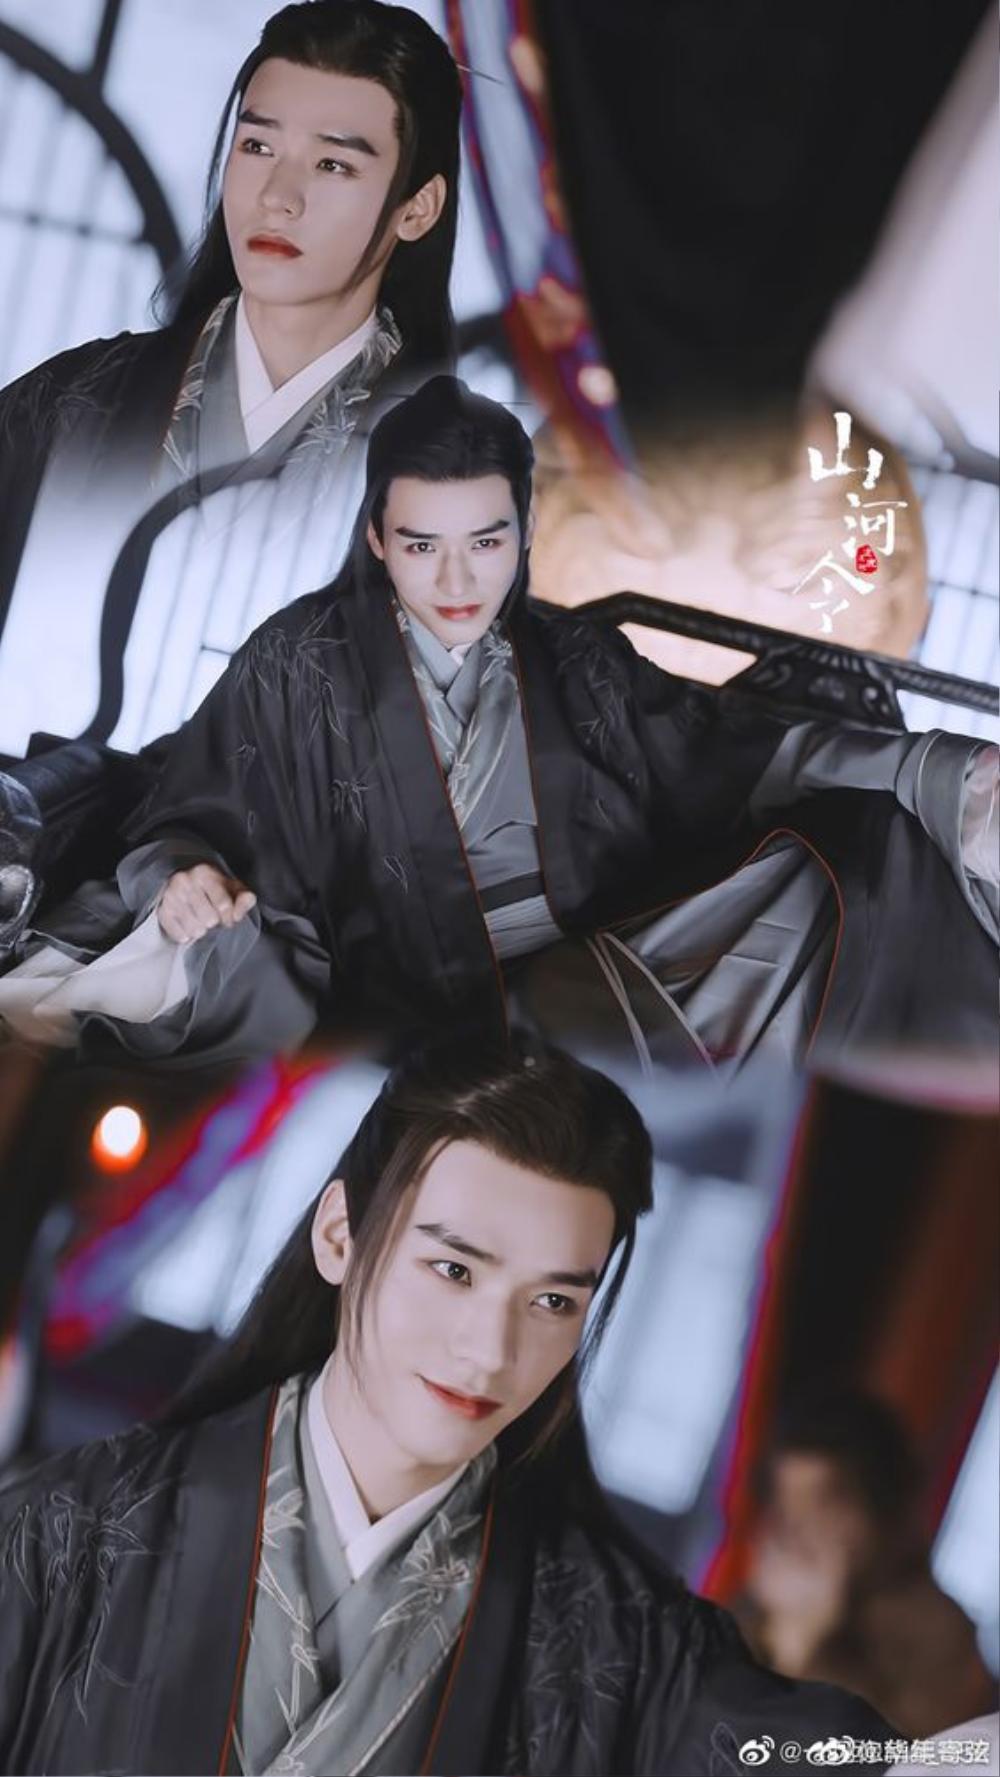 Cung Tuấn, Trương Triết Hạn dù 'xưng bá' màn ảnh Hoa ngữ đầu 2021 nhưng vẫn không sánh bằng Tiêu Chiến Ảnh 11